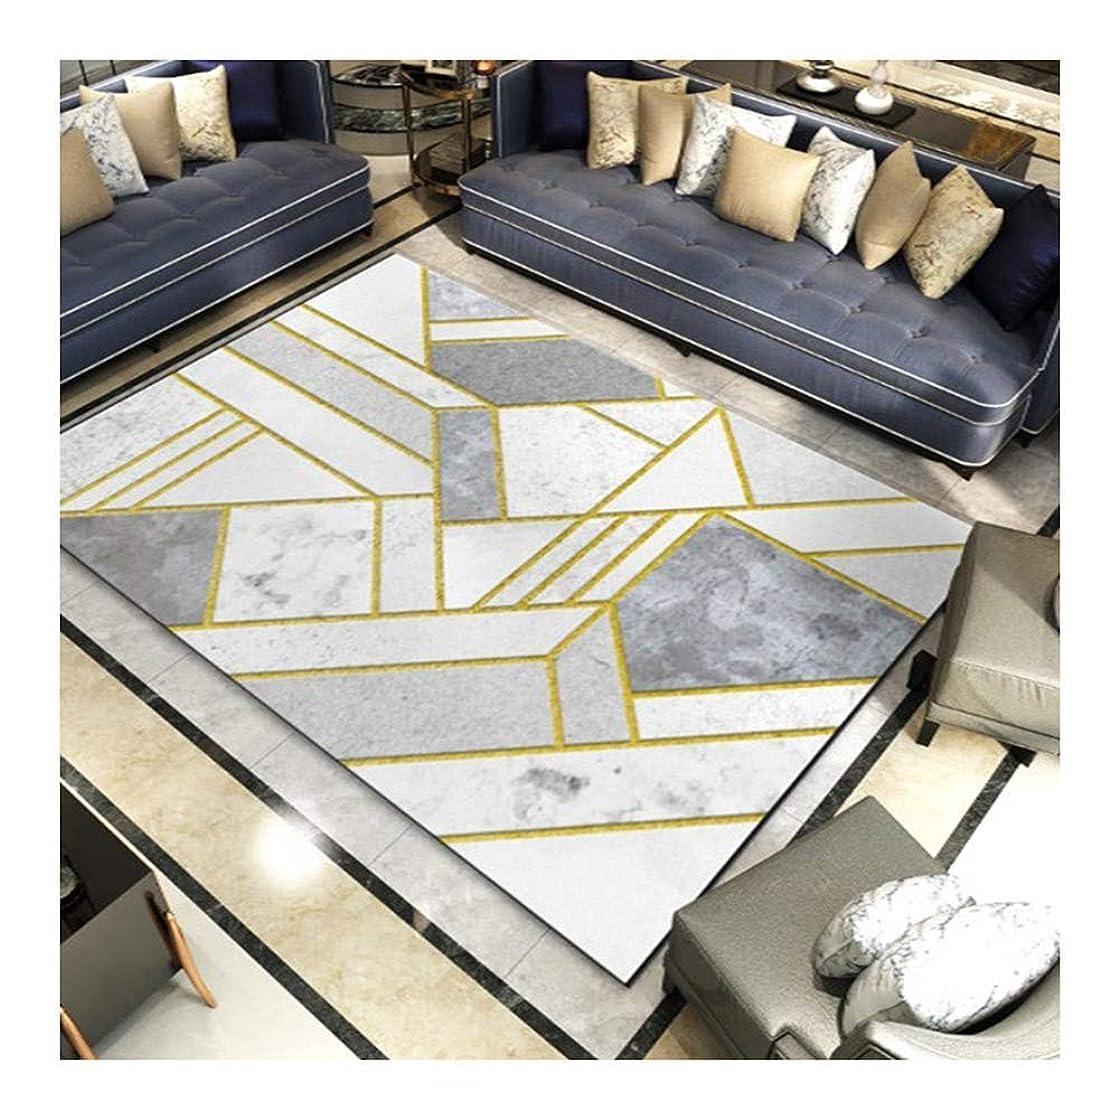 コンプライアンス二おとなしい居間の寝室のソファーの床の滑り止めのカーペットのための模造の羊皮の敷物(色:黄色のピンク、サイズ:1.2x1.6m)